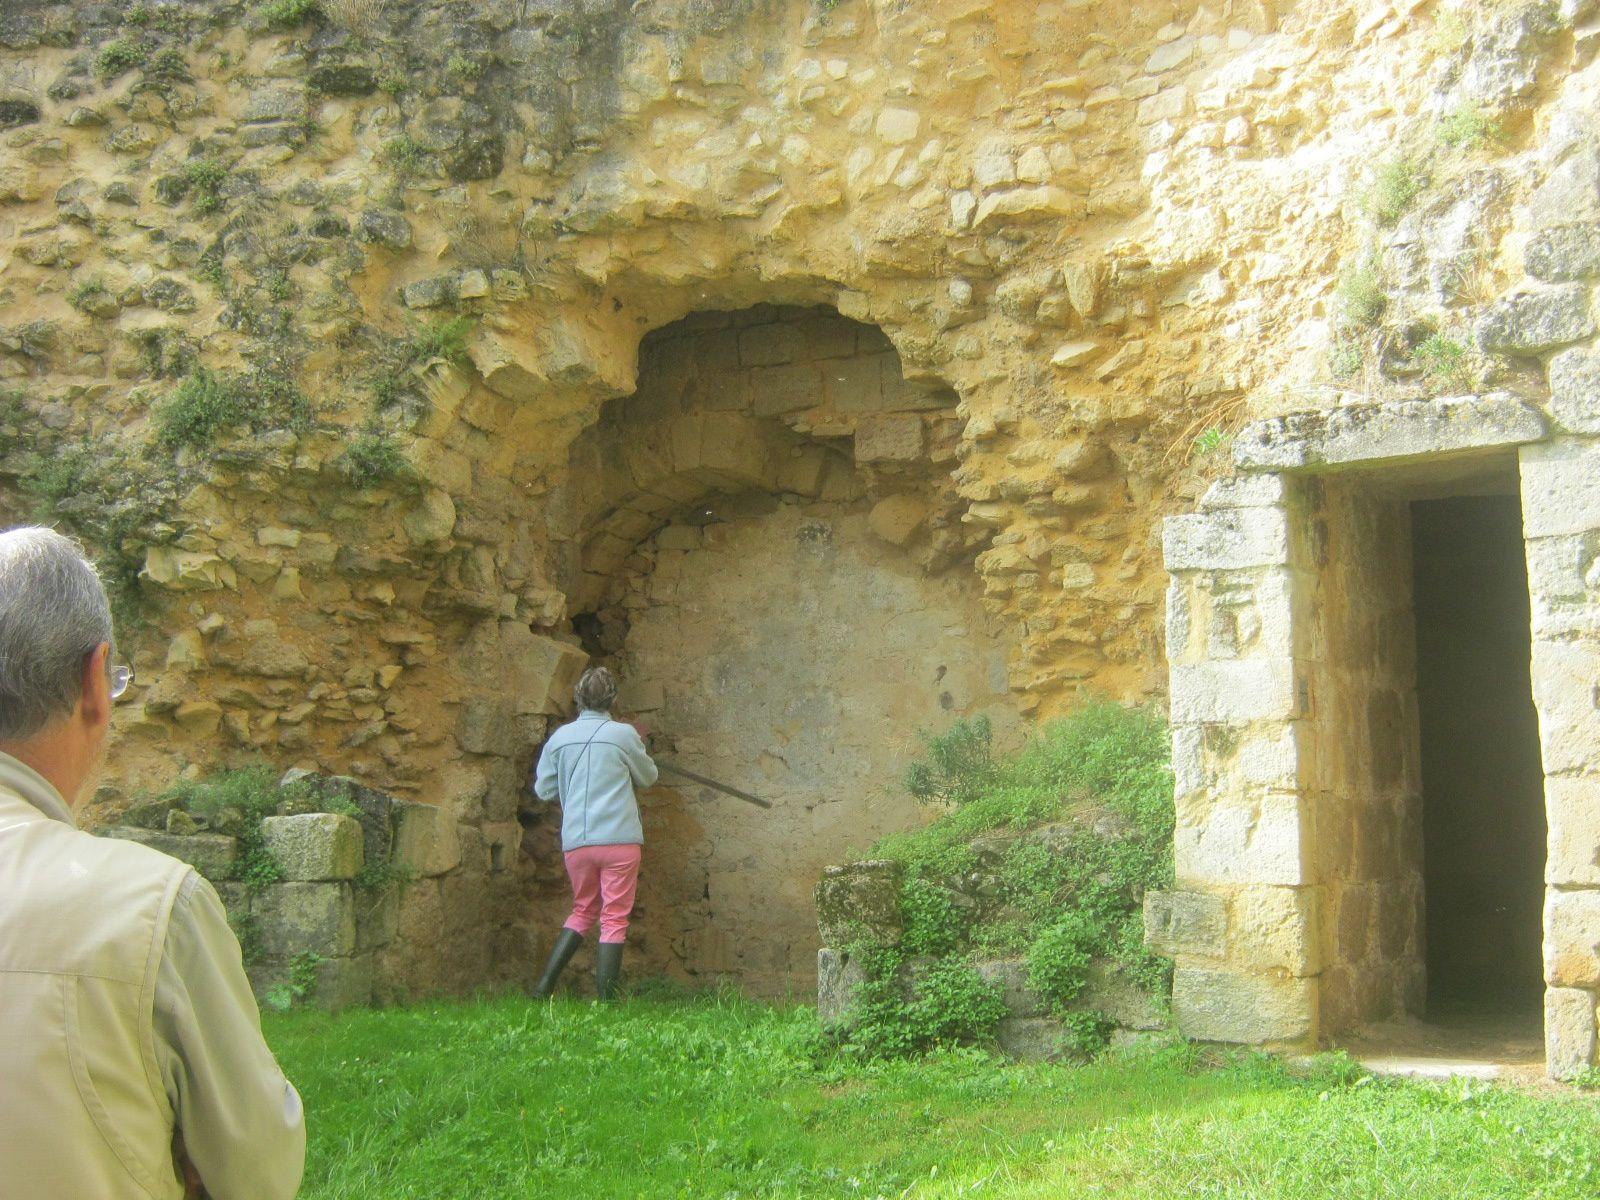 dans les deux cours intérieures on peut voir des pans de murs qui ont été consolidés mais certaines parties sont encore dangereuses